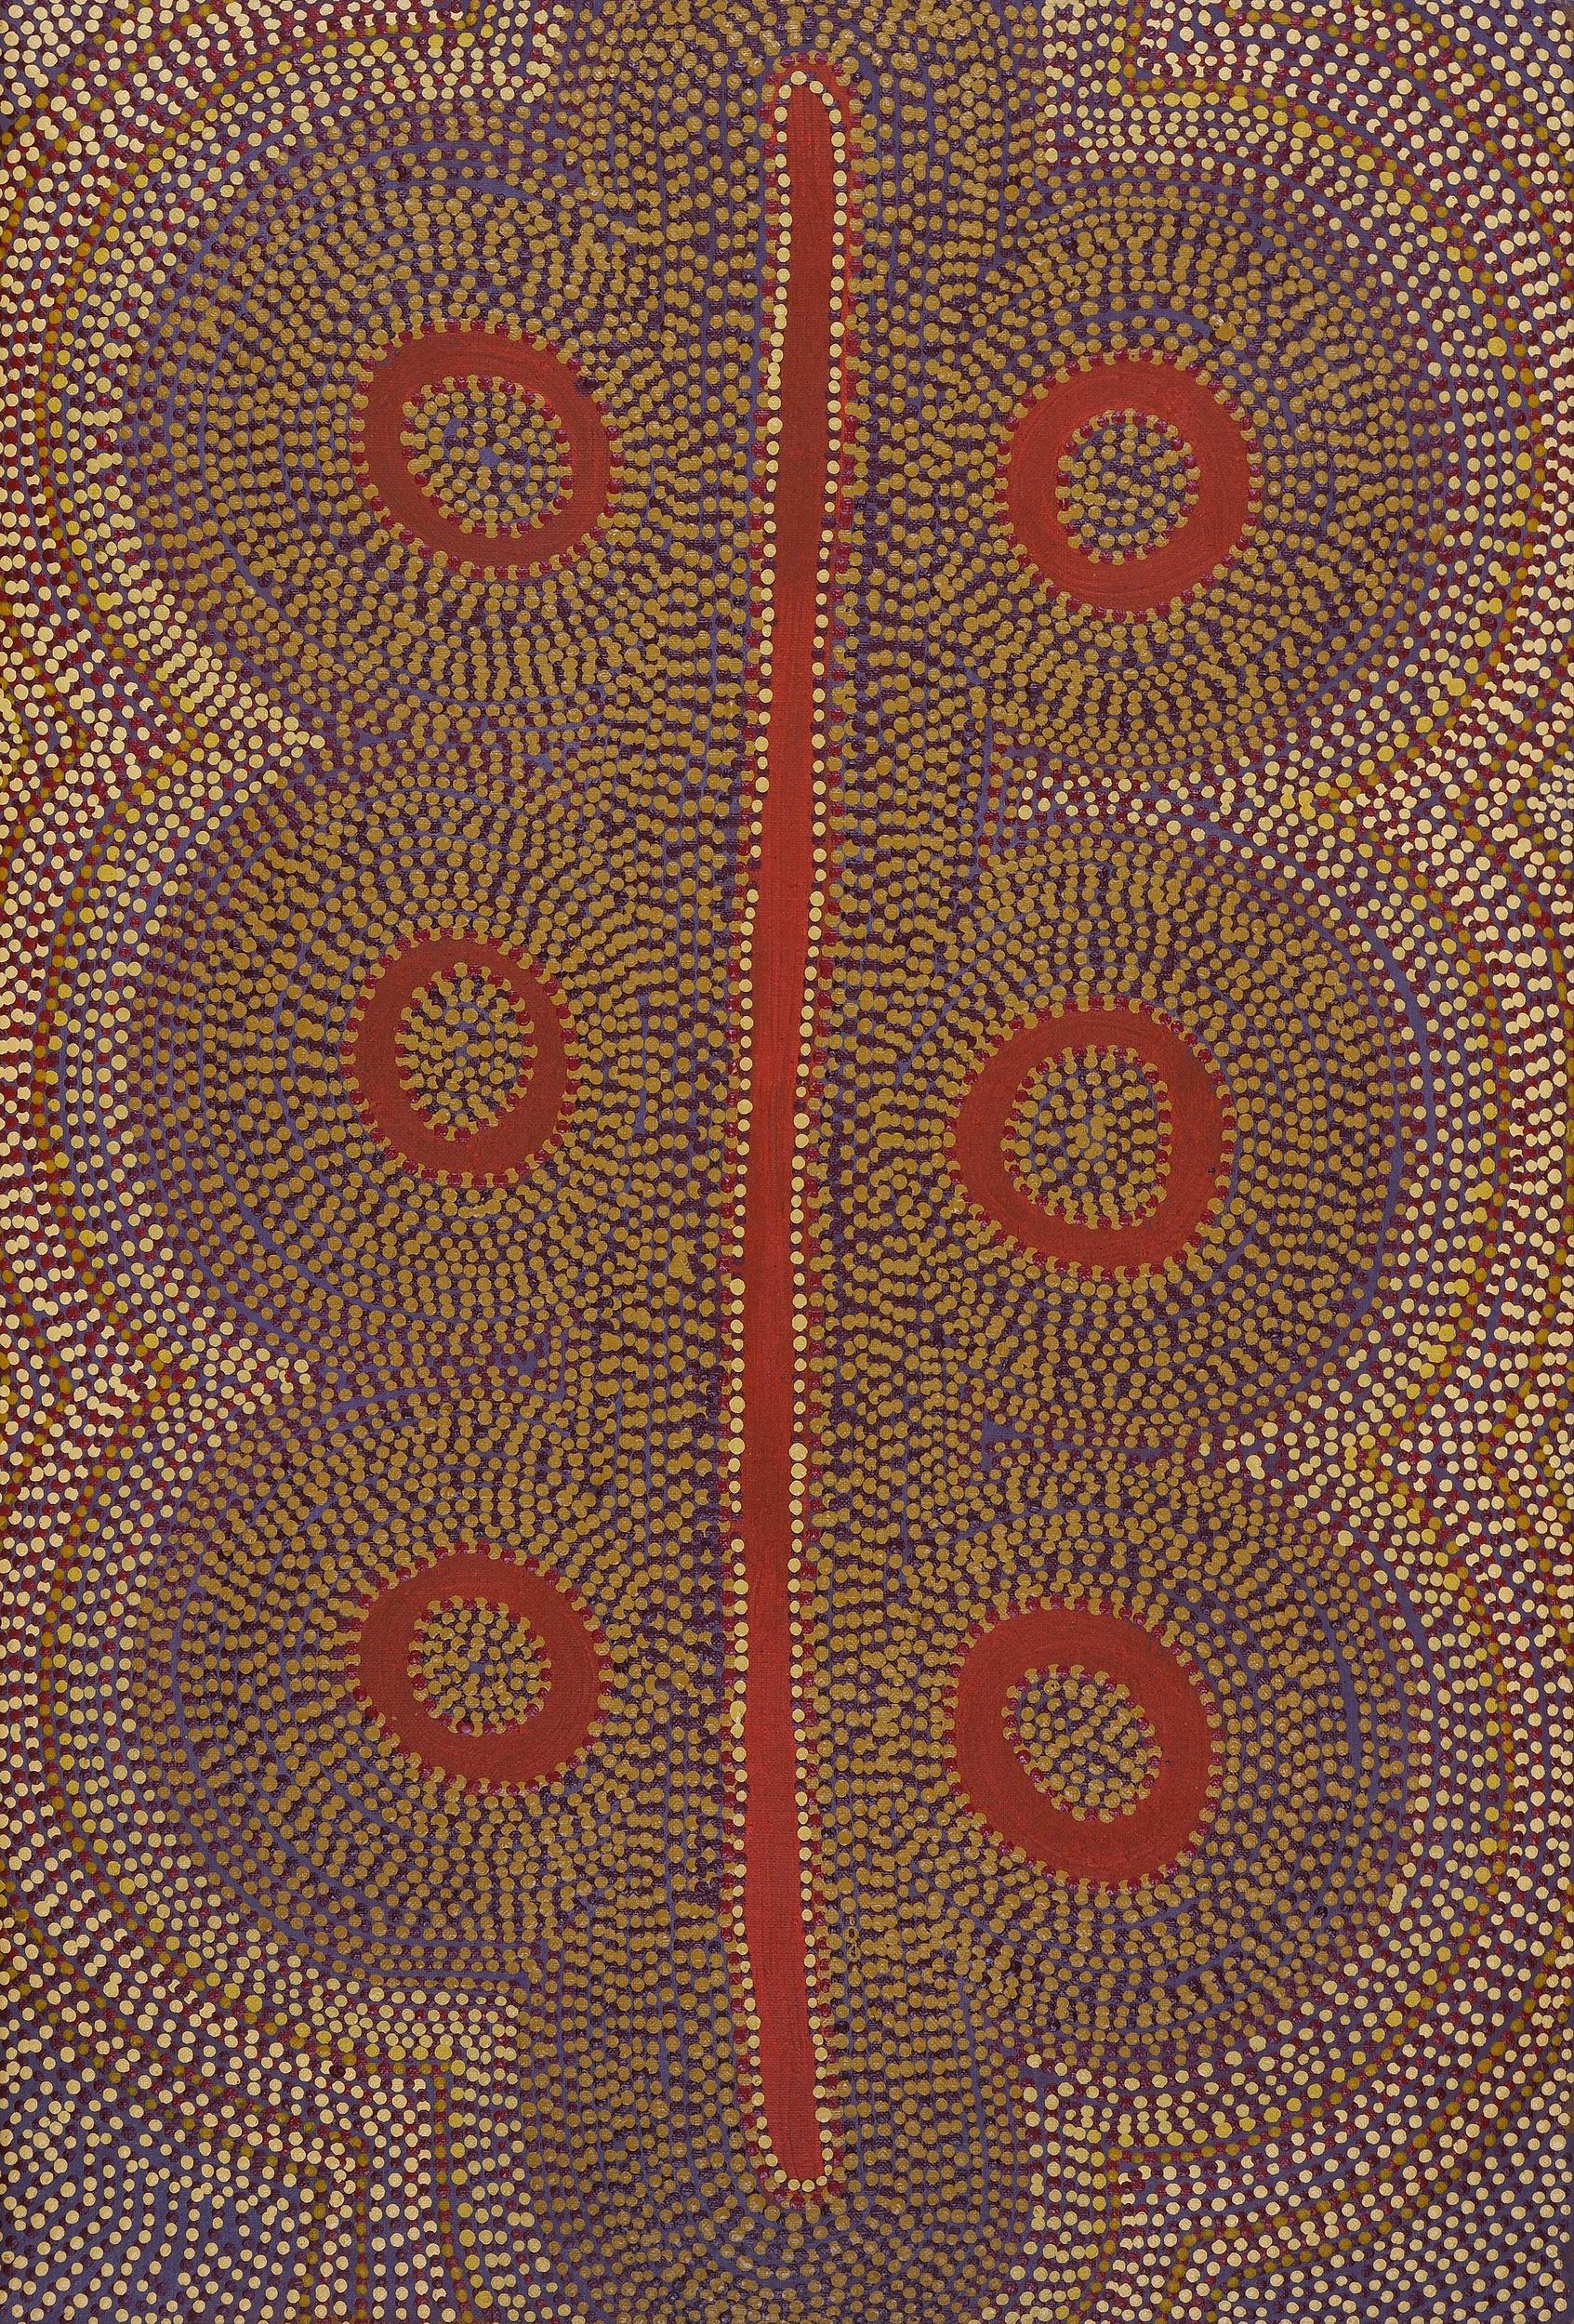 'Nan Nangala (born c1950, Kukatja language group), Untitled, synthetic polymer paint on canvas'